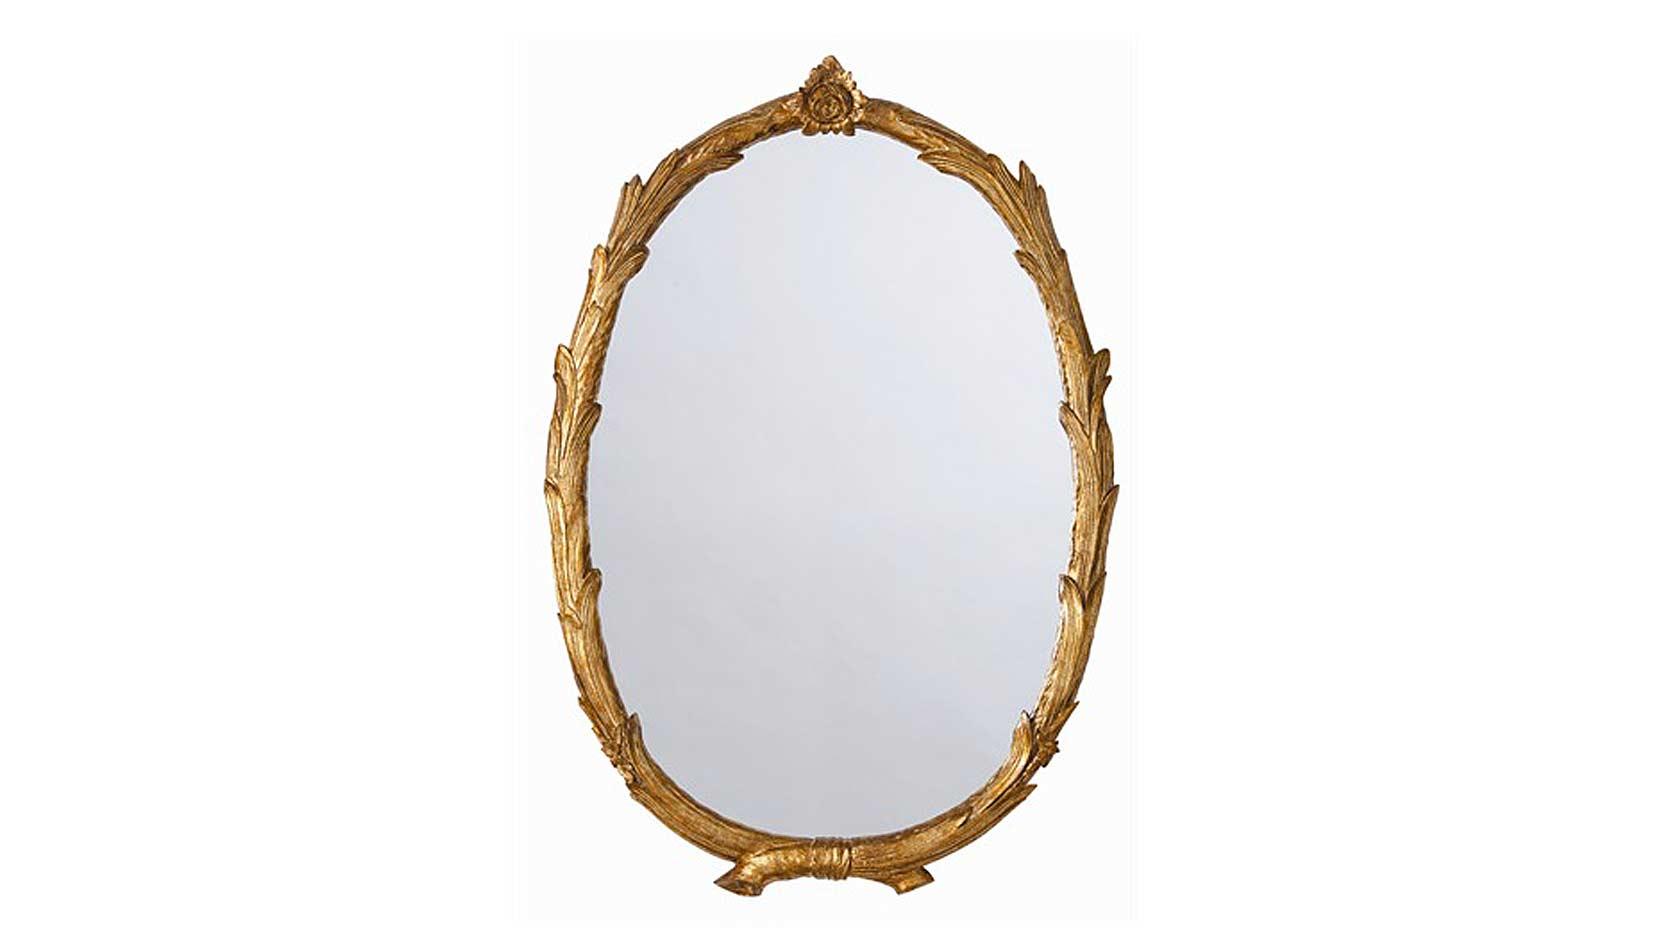 Accessory Mirrors